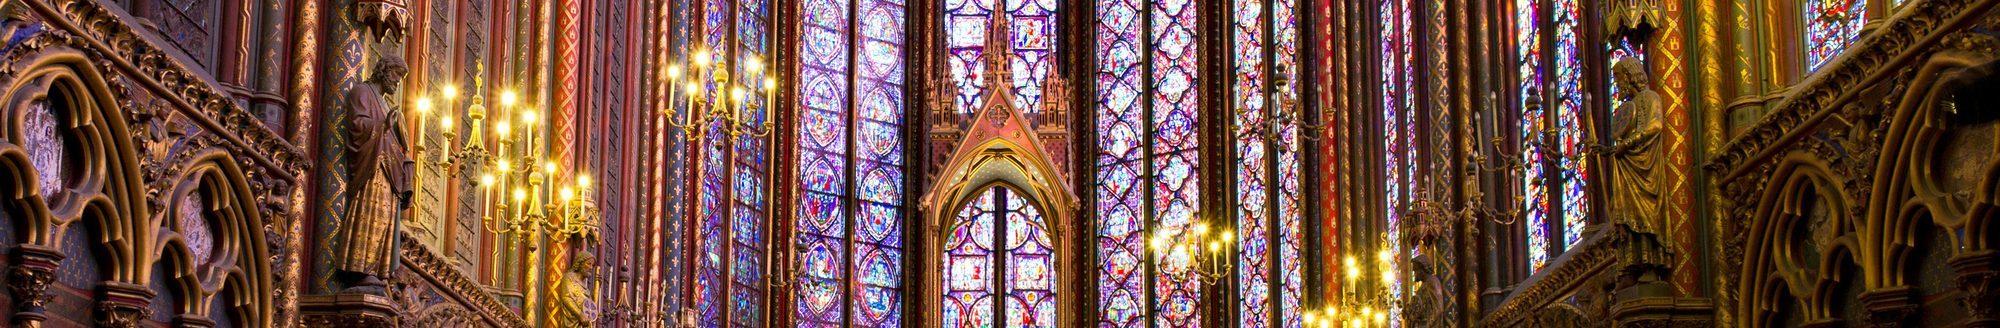 Fotos Sainte-Chapelle